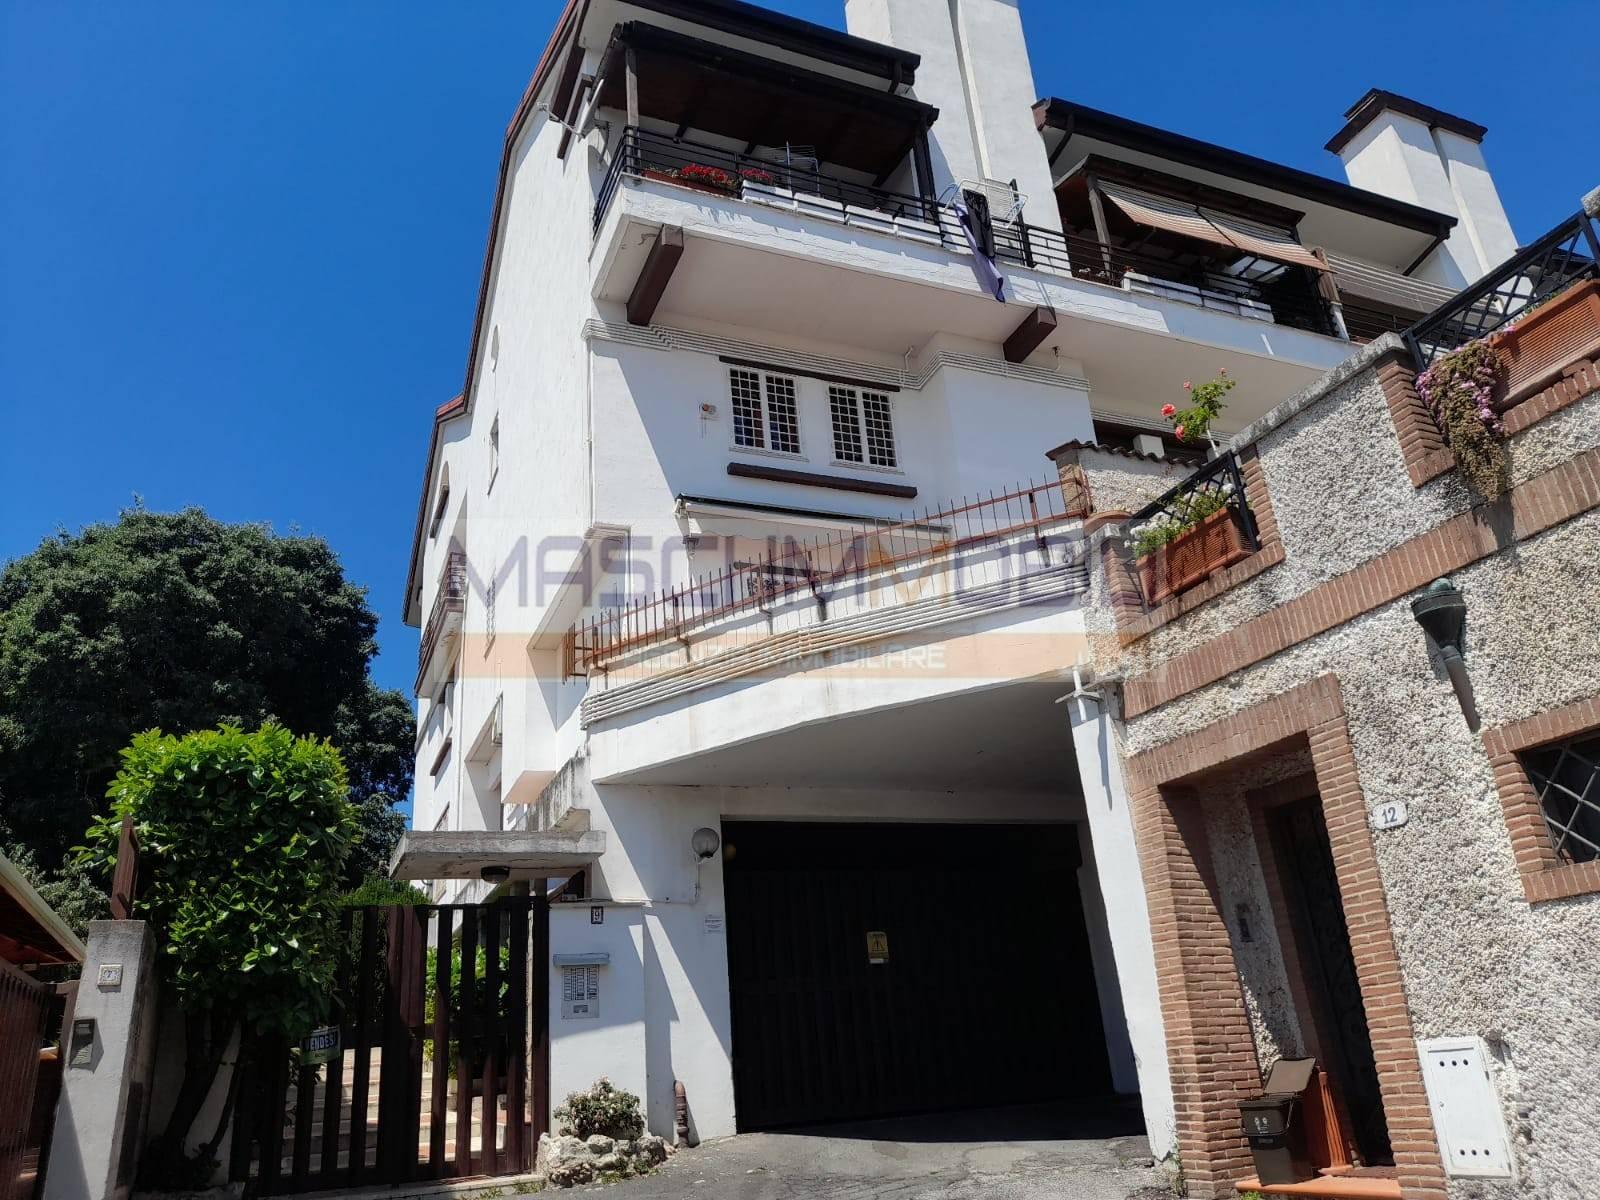 Appartamento in vendita a Fiano Romano, 3 locali, prezzo € 125.000   PortaleAgenzieImmobiliari.it